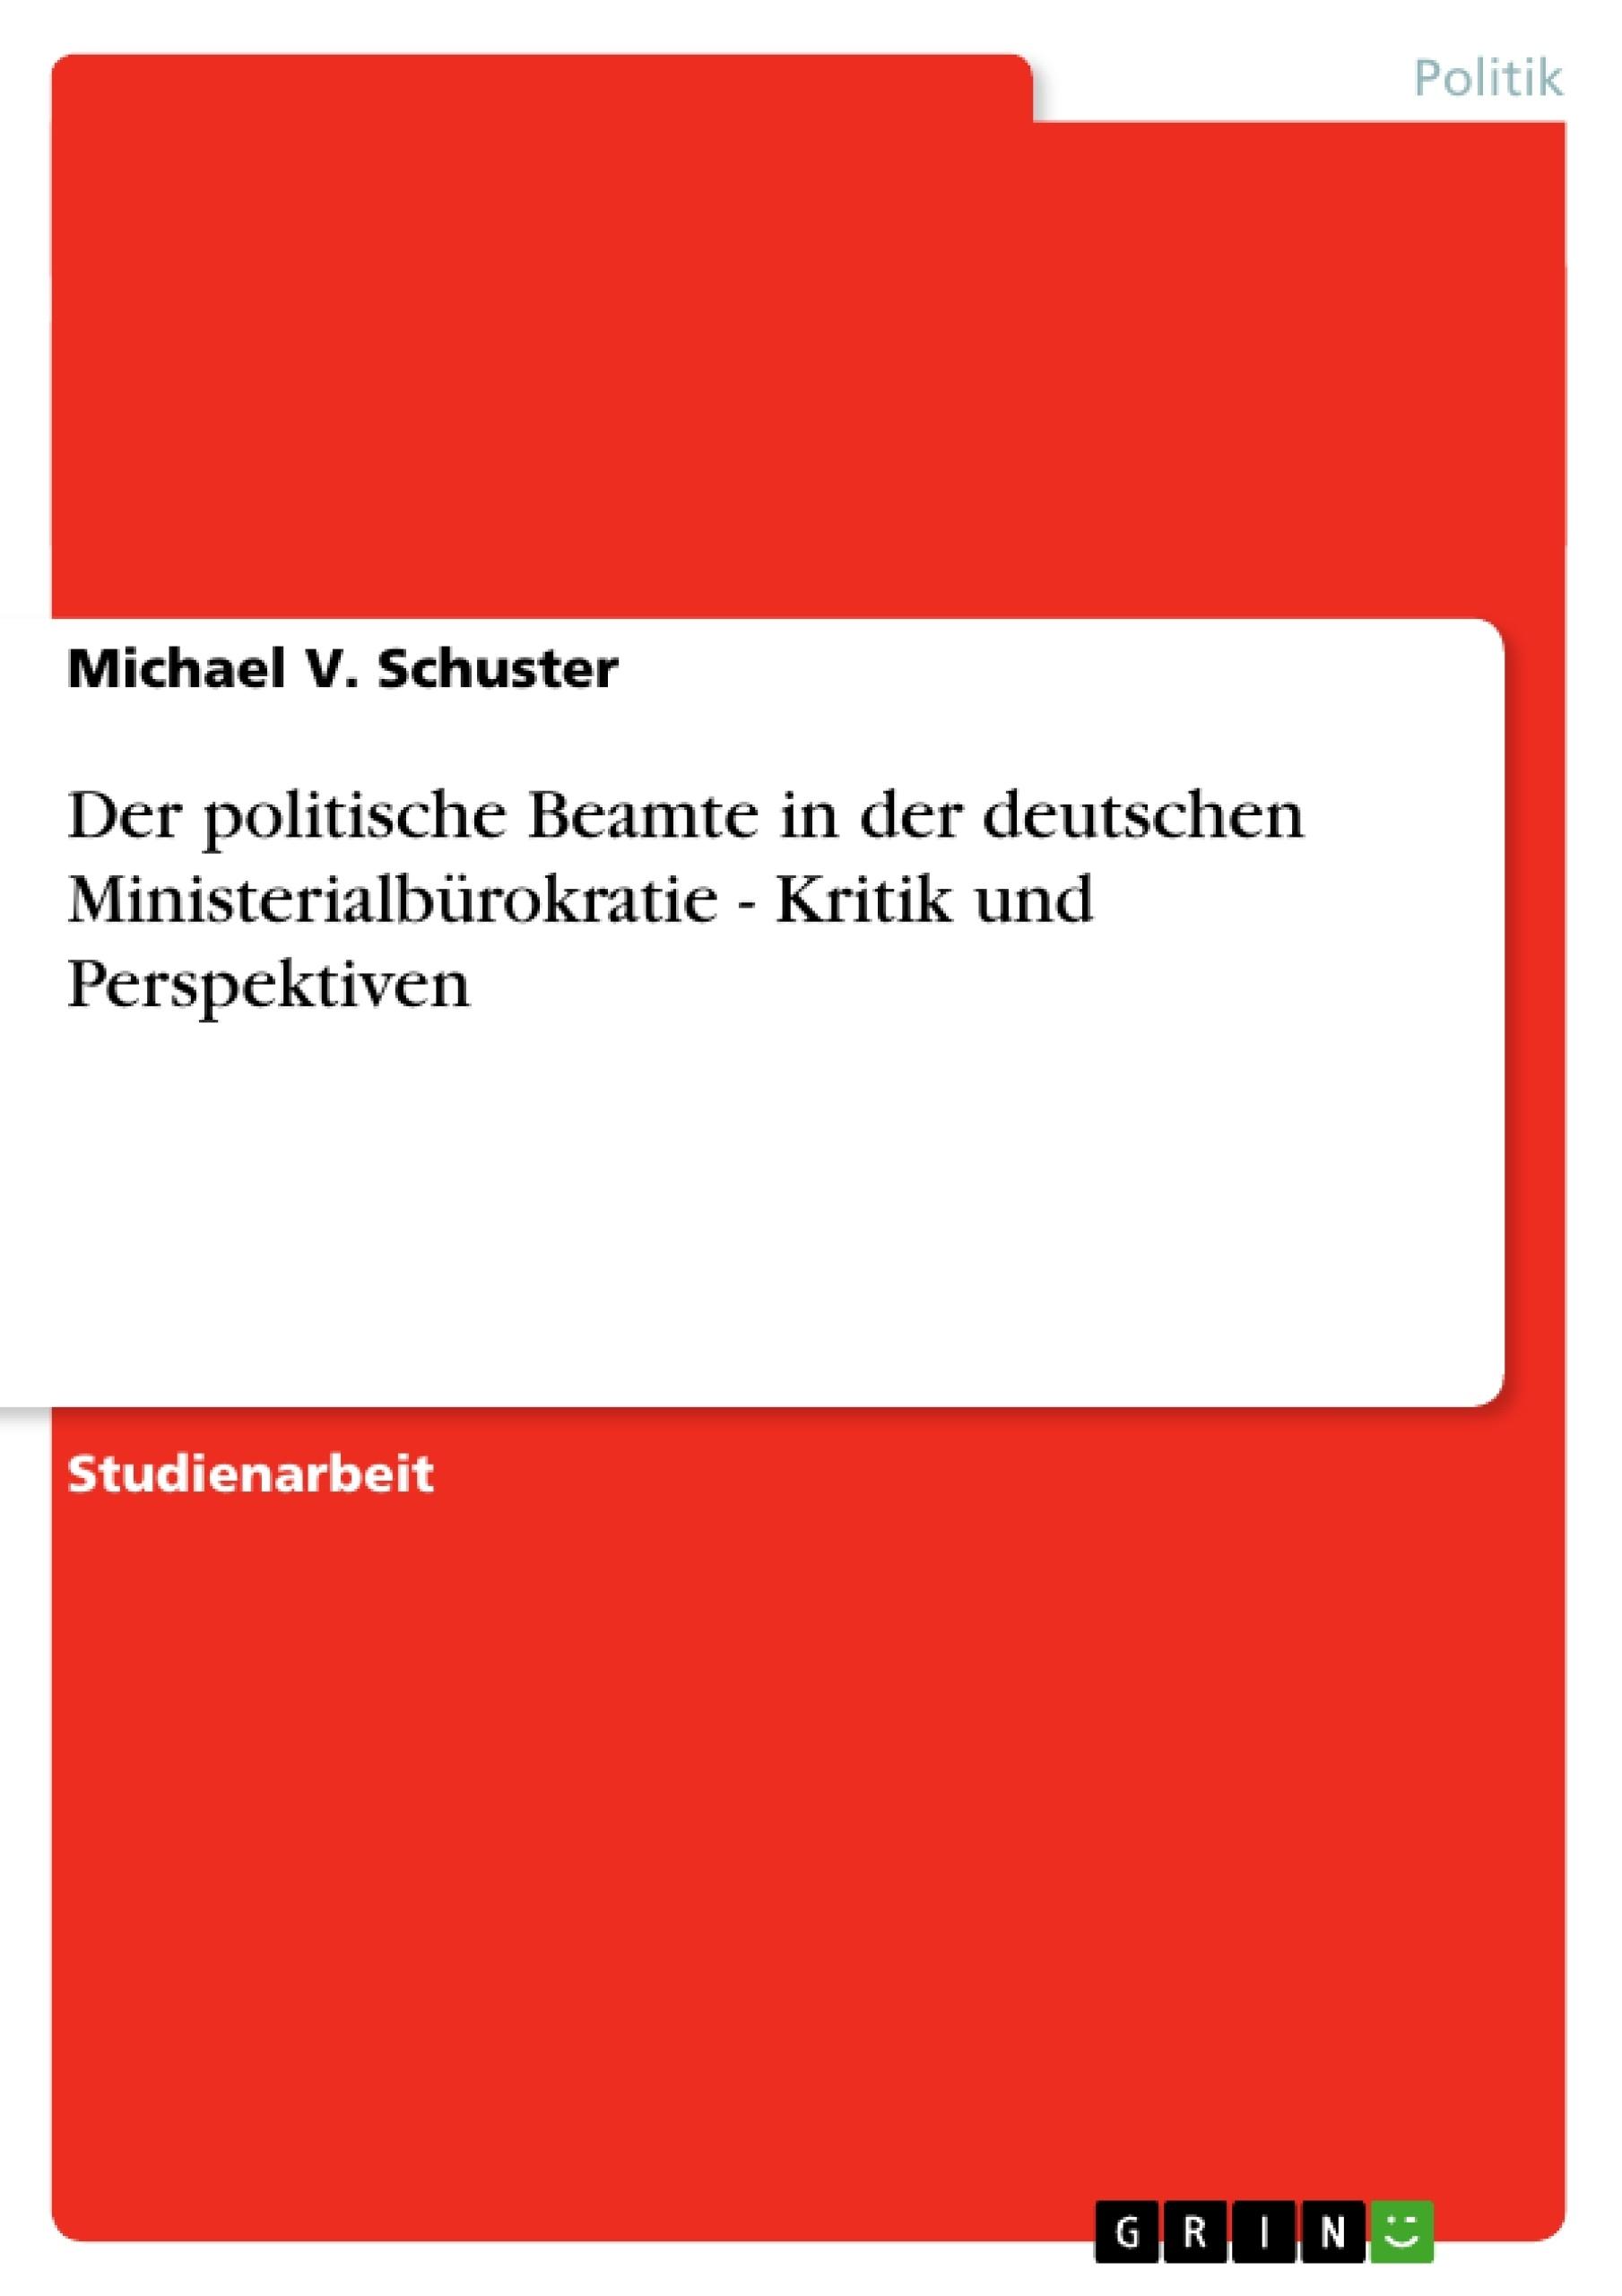 Titel: Der politische Beamte in der deutschen Ministerialbürokratie - Kritik und Perspektiven